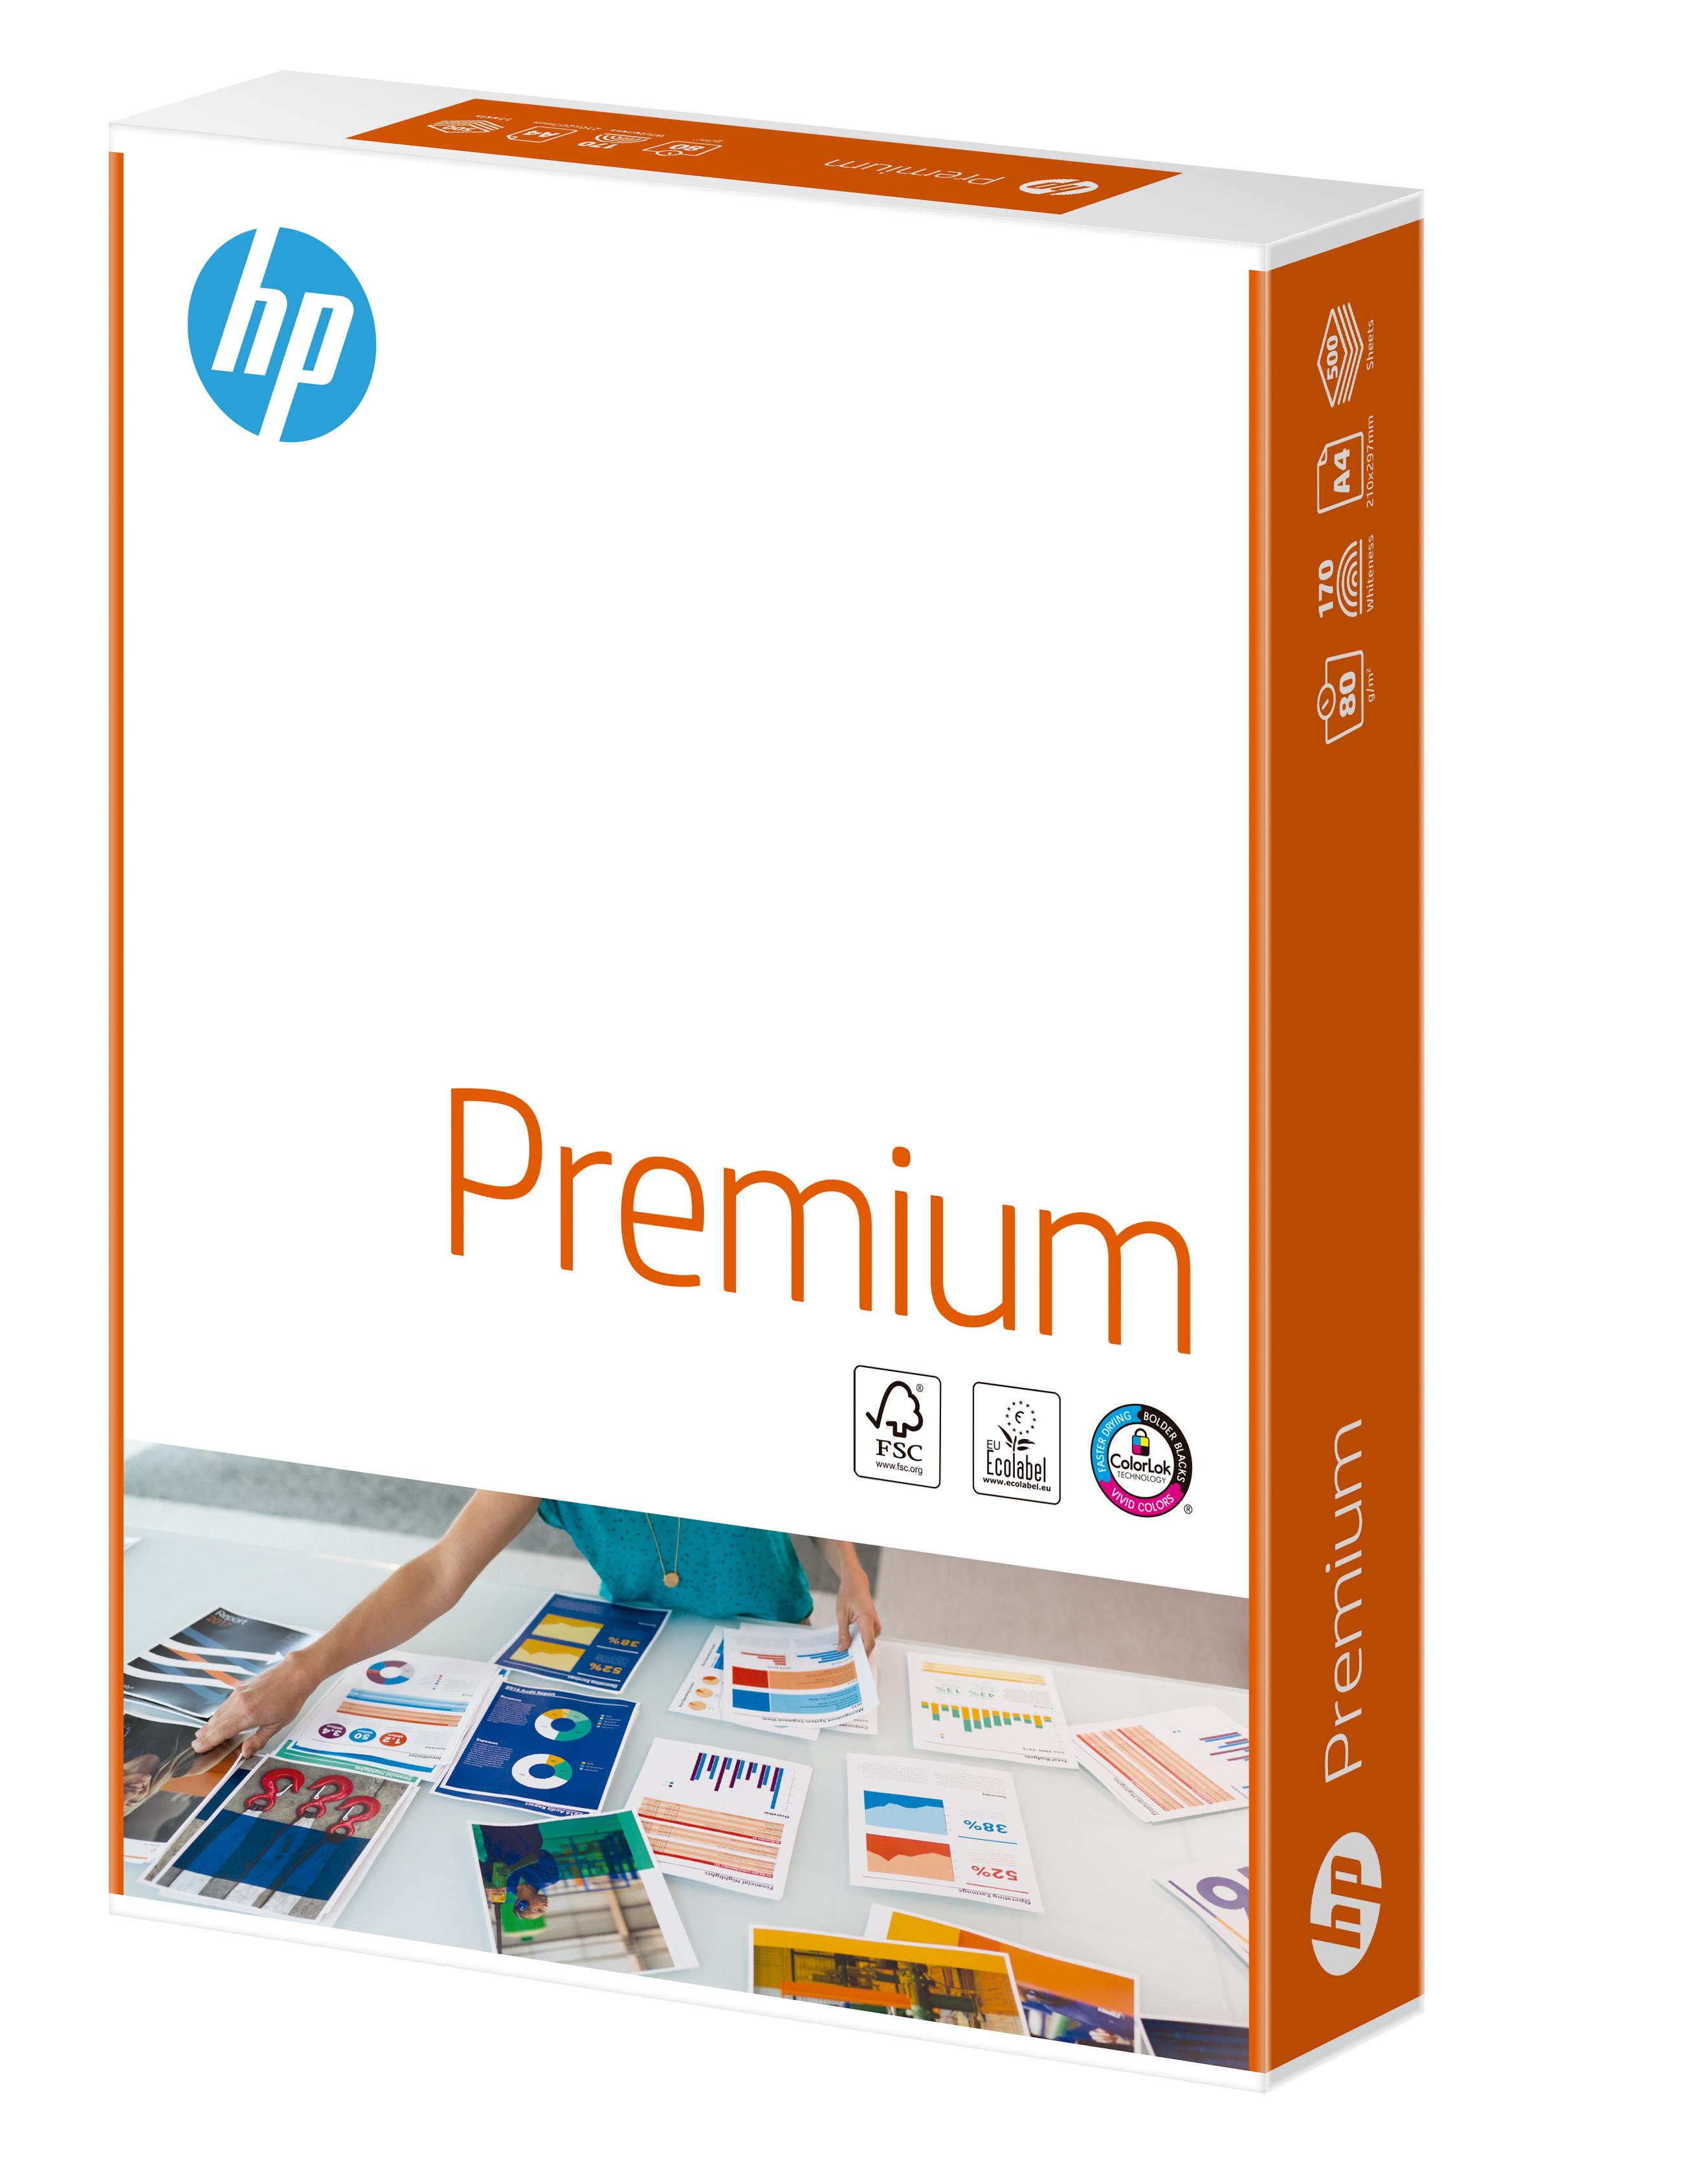 HP FSC Premium A4 80gm Ream 500